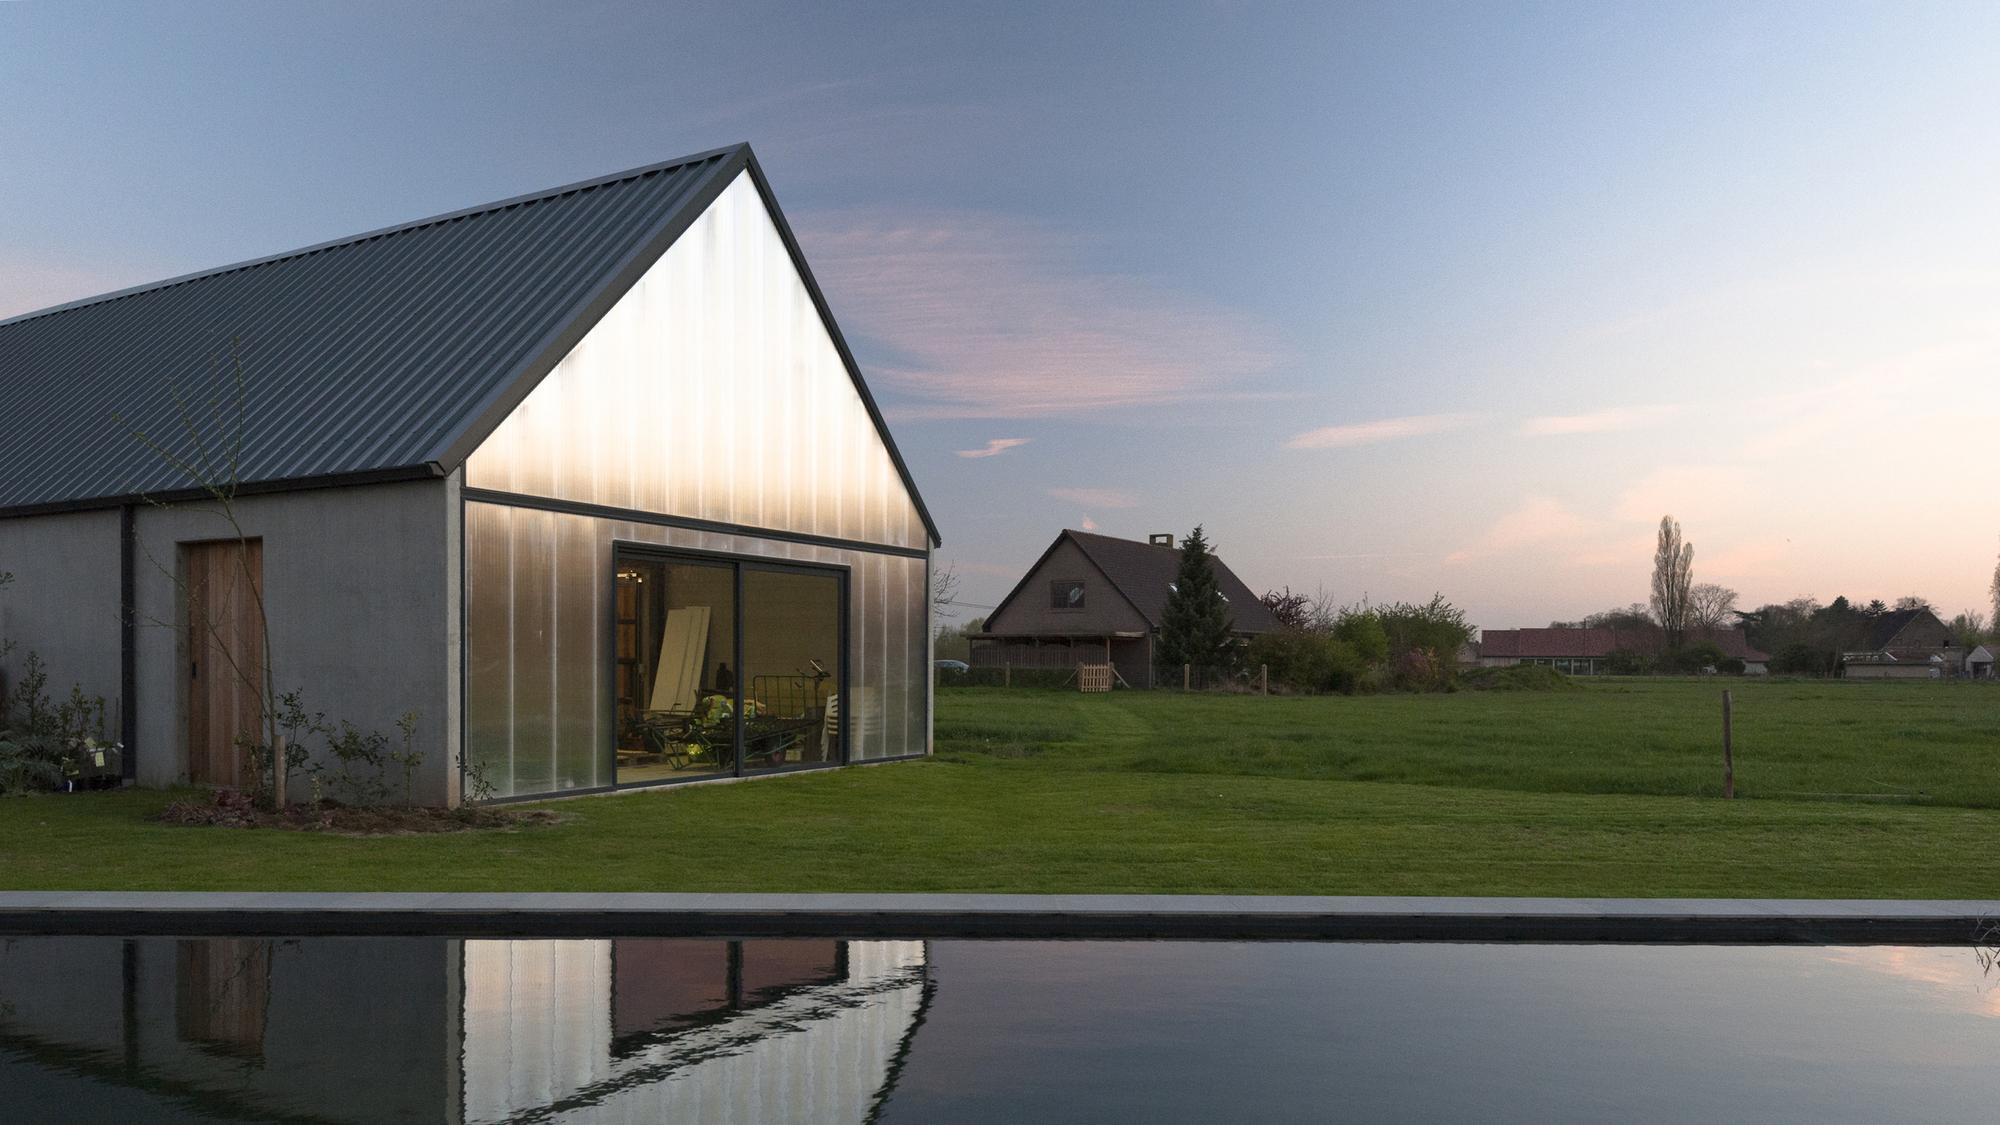 Gallery of contemporary barn p l o e g architecten 1 for Contemporary barn design